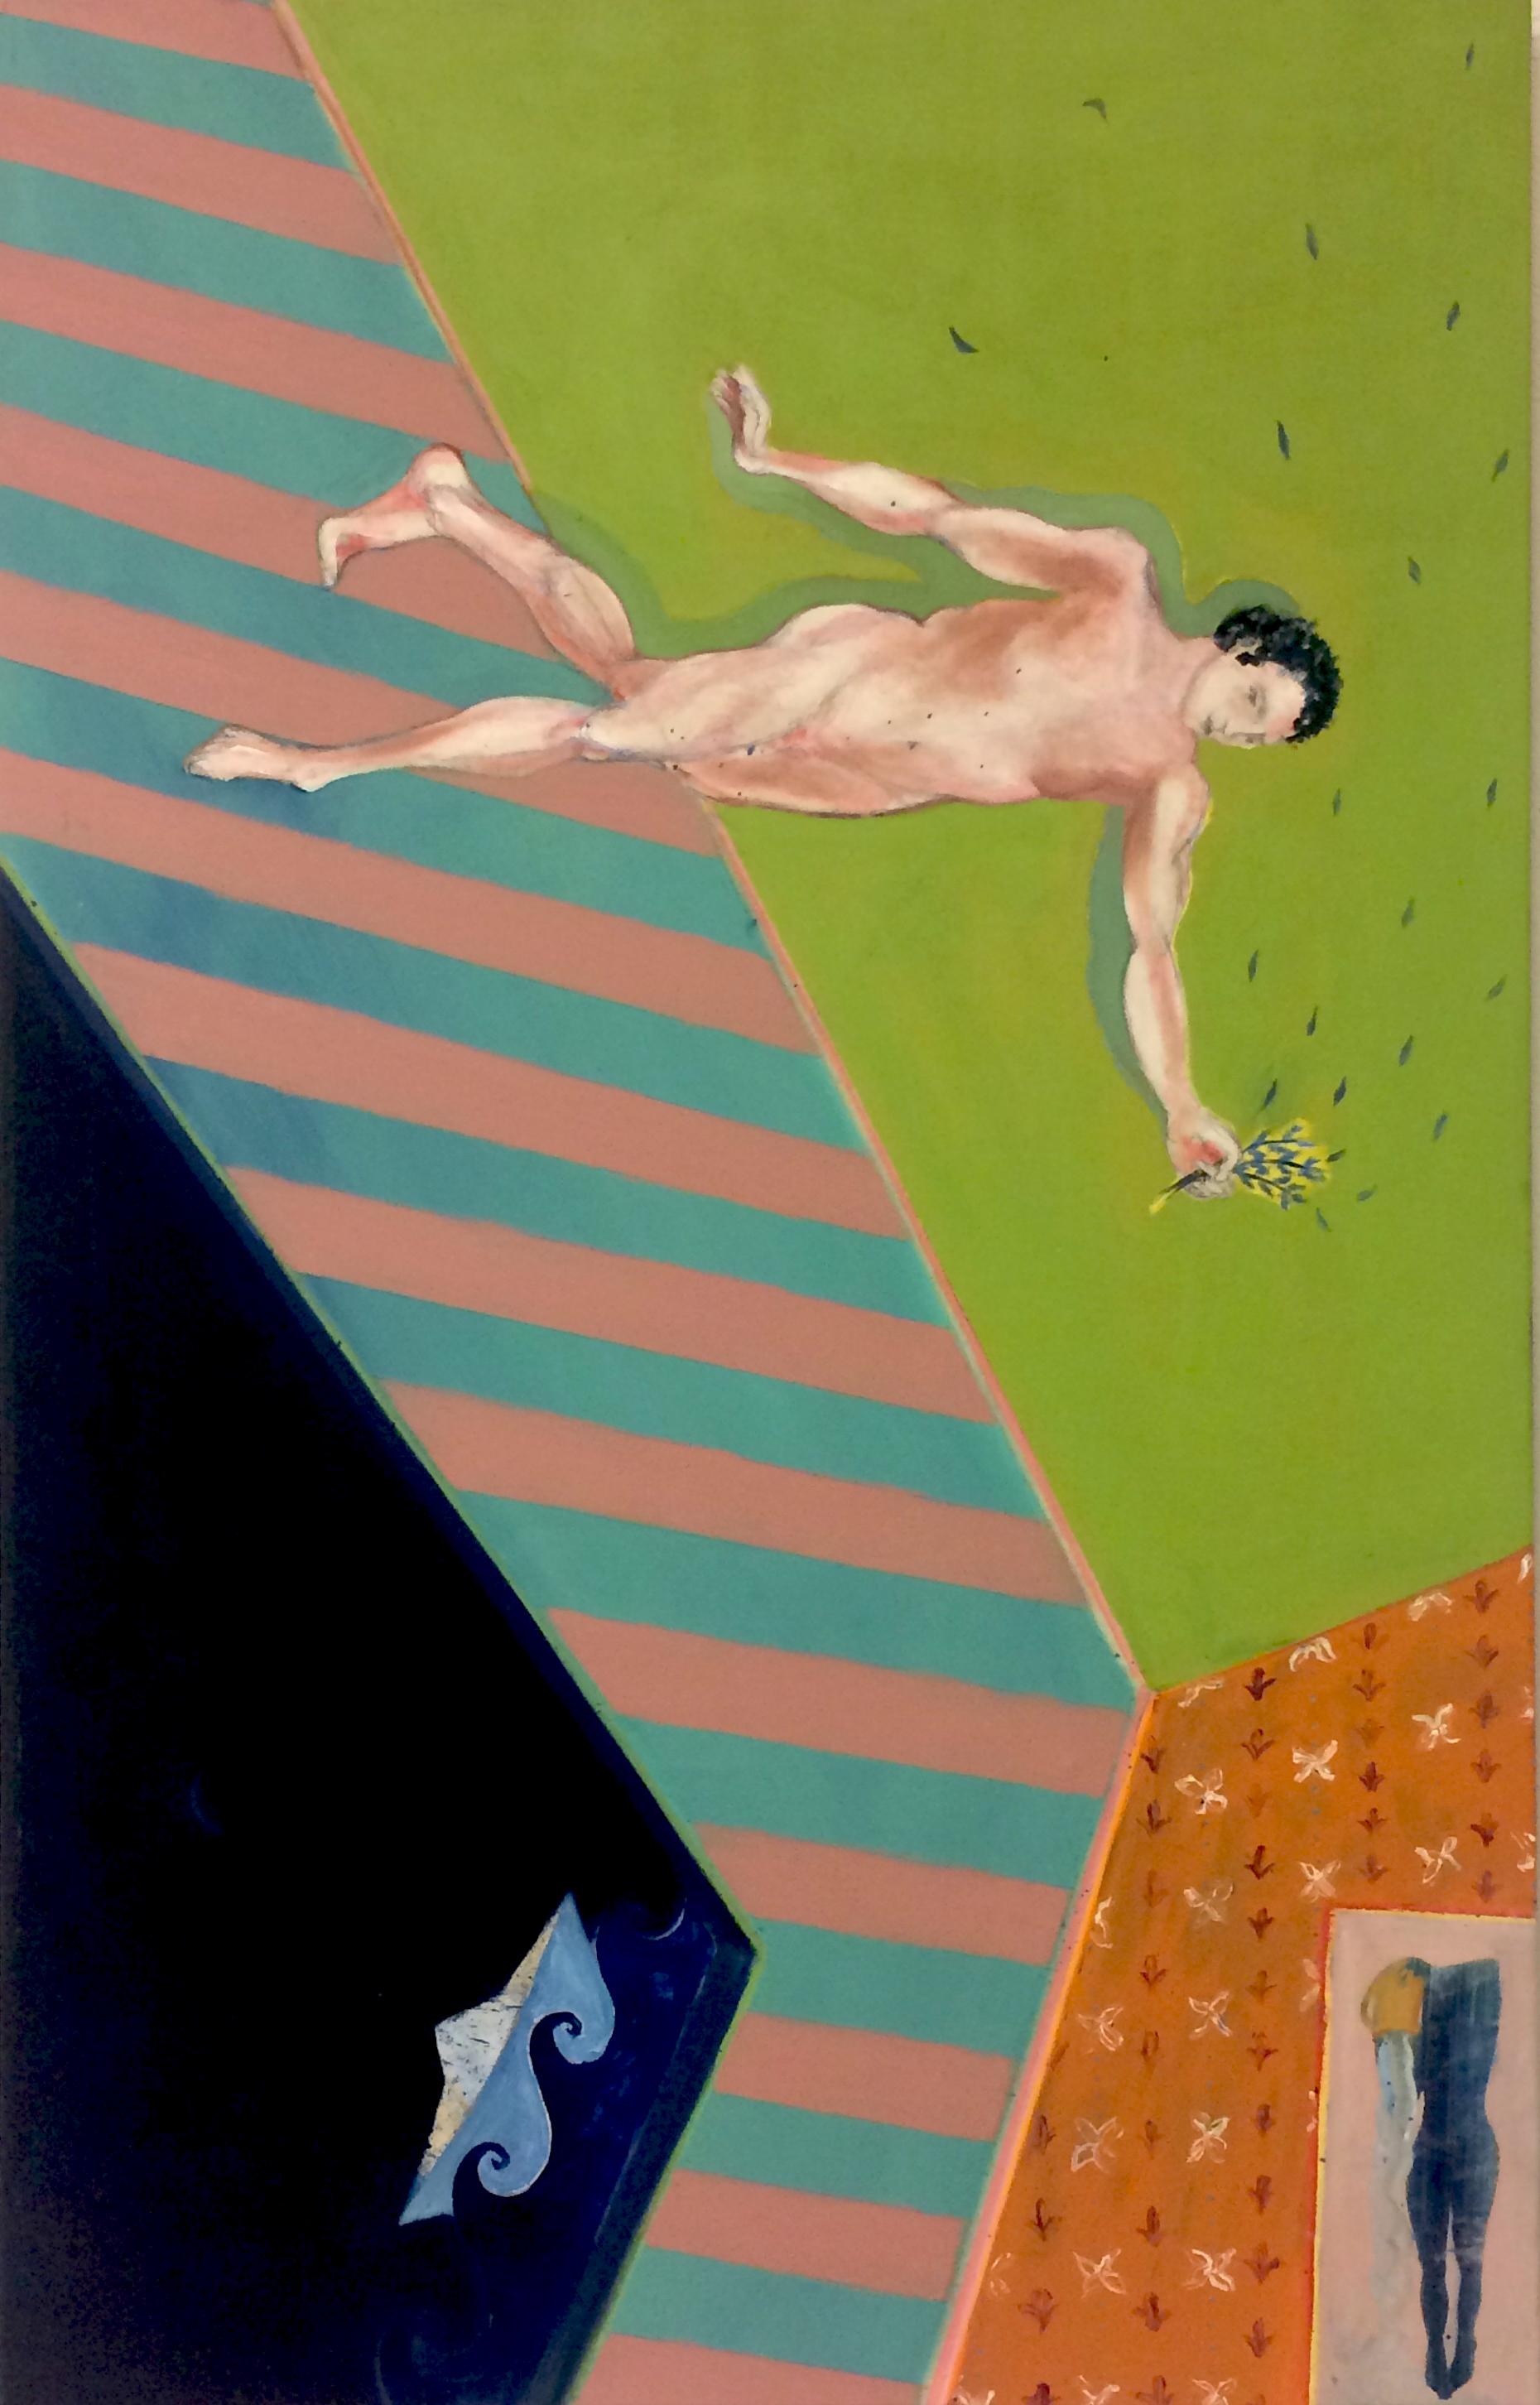 Irinoforos (Peace Carrier)   Acrylic and oil on canvas, 70x110cm / 27,5x43,3 inches